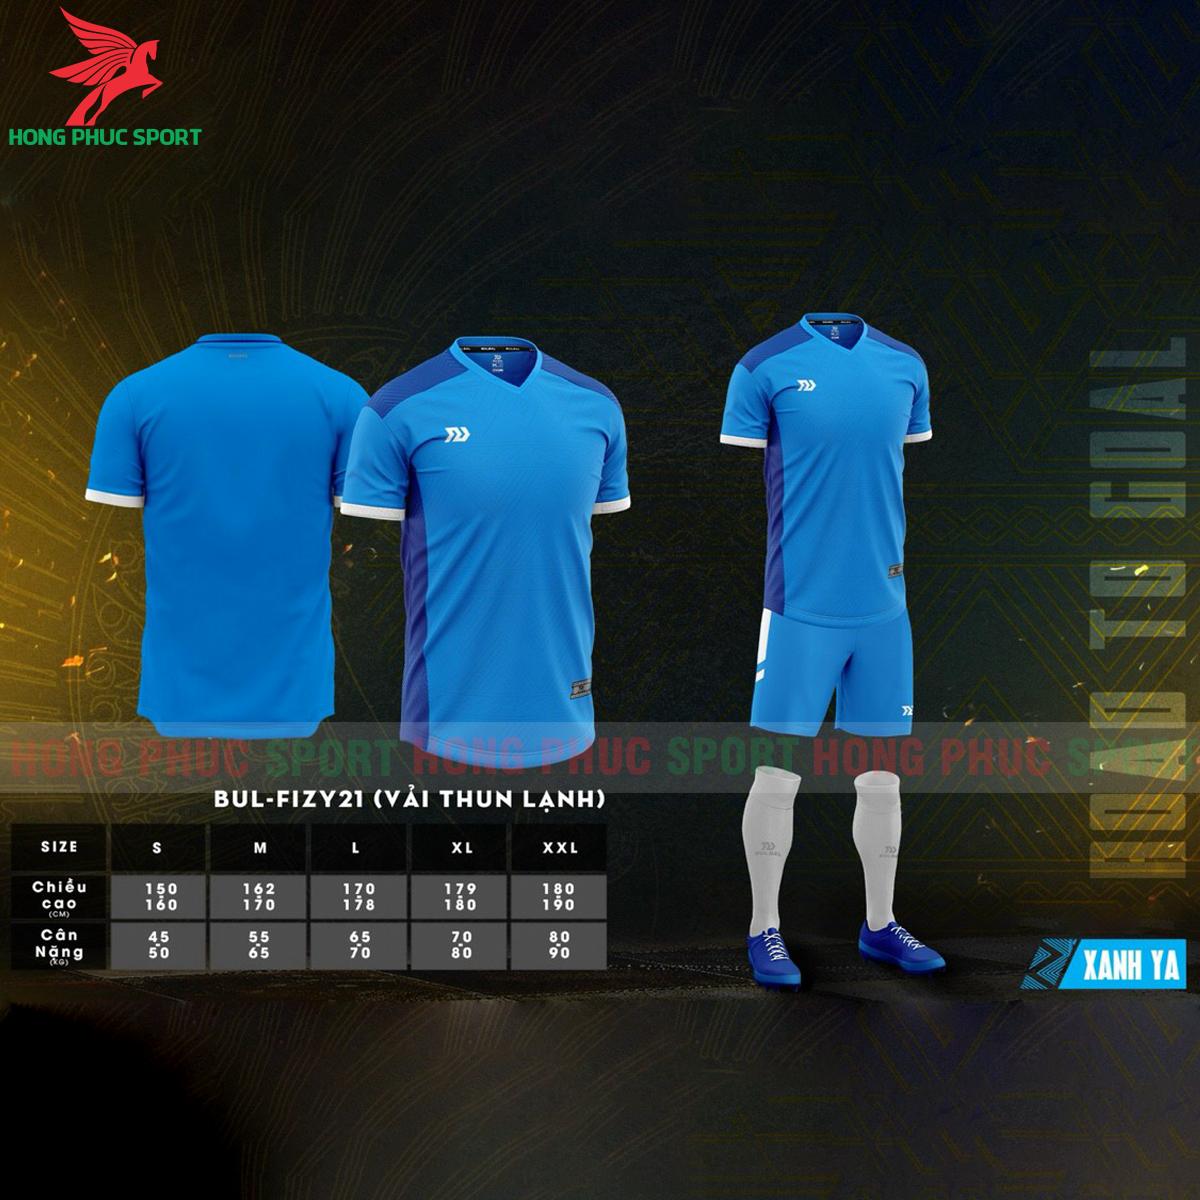 Áo đá banh không logo Bulbal Falcol 2021 màu xanh da(1)